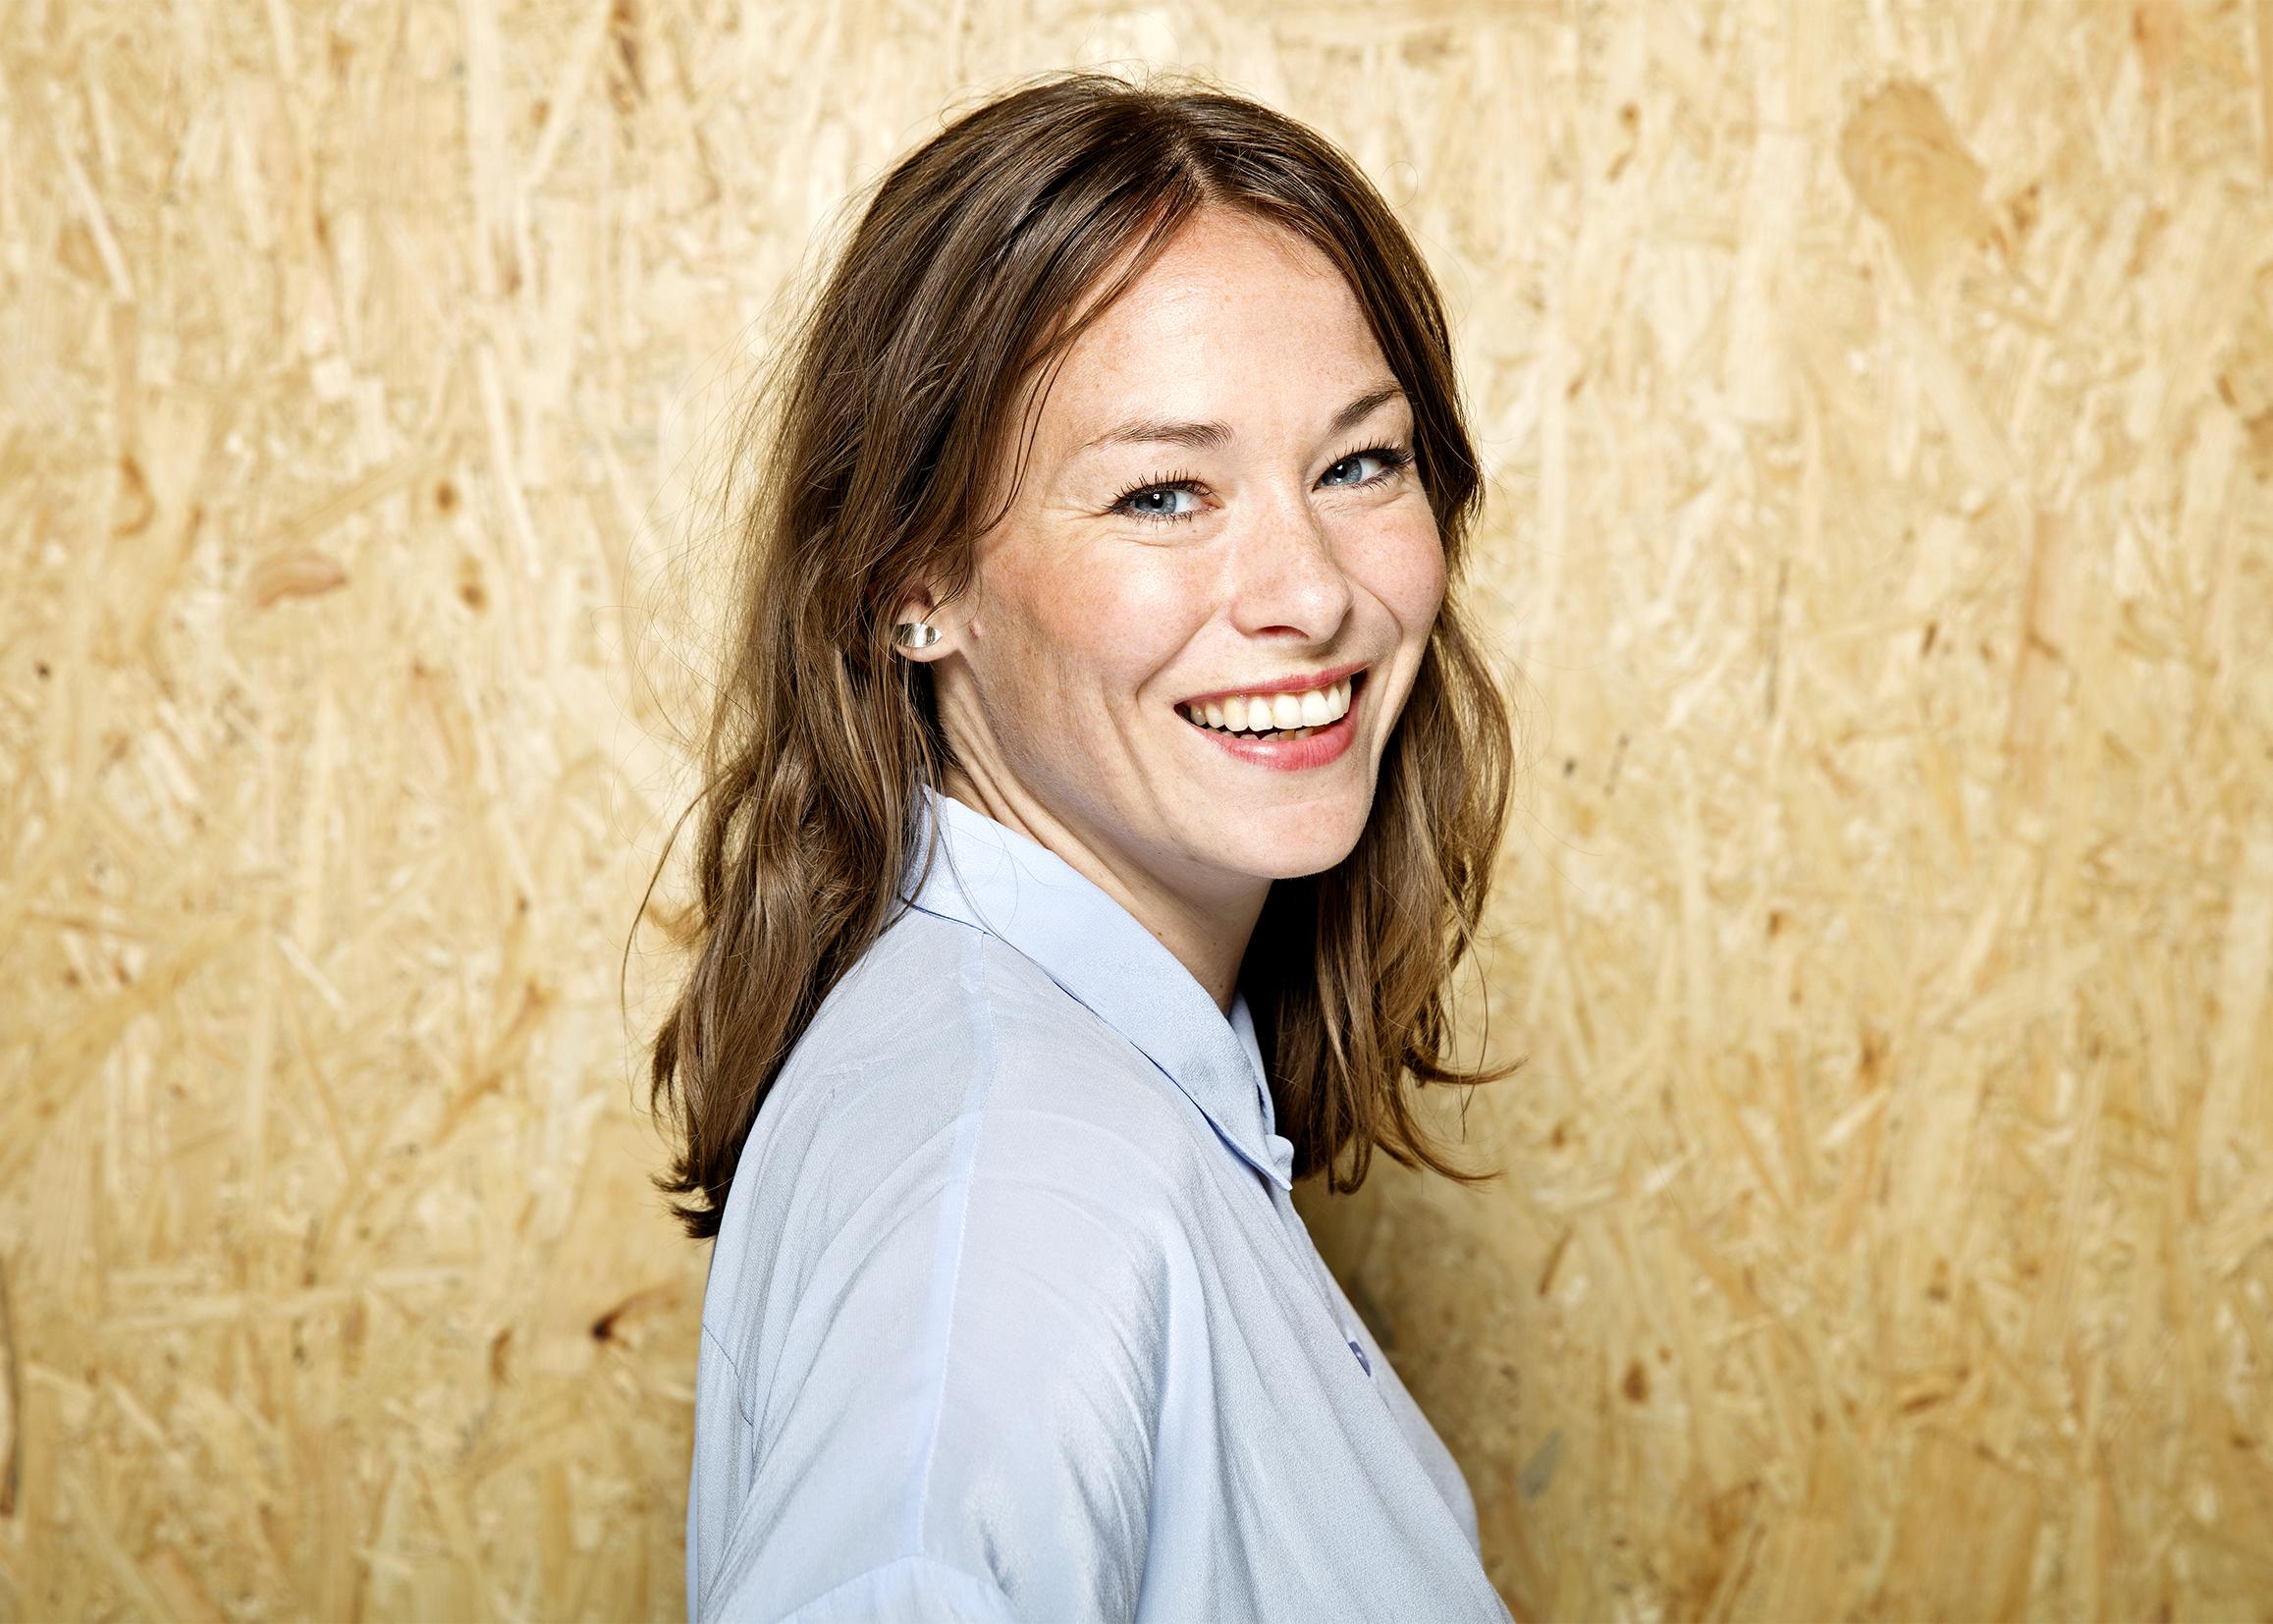 Sara Gry Striegler